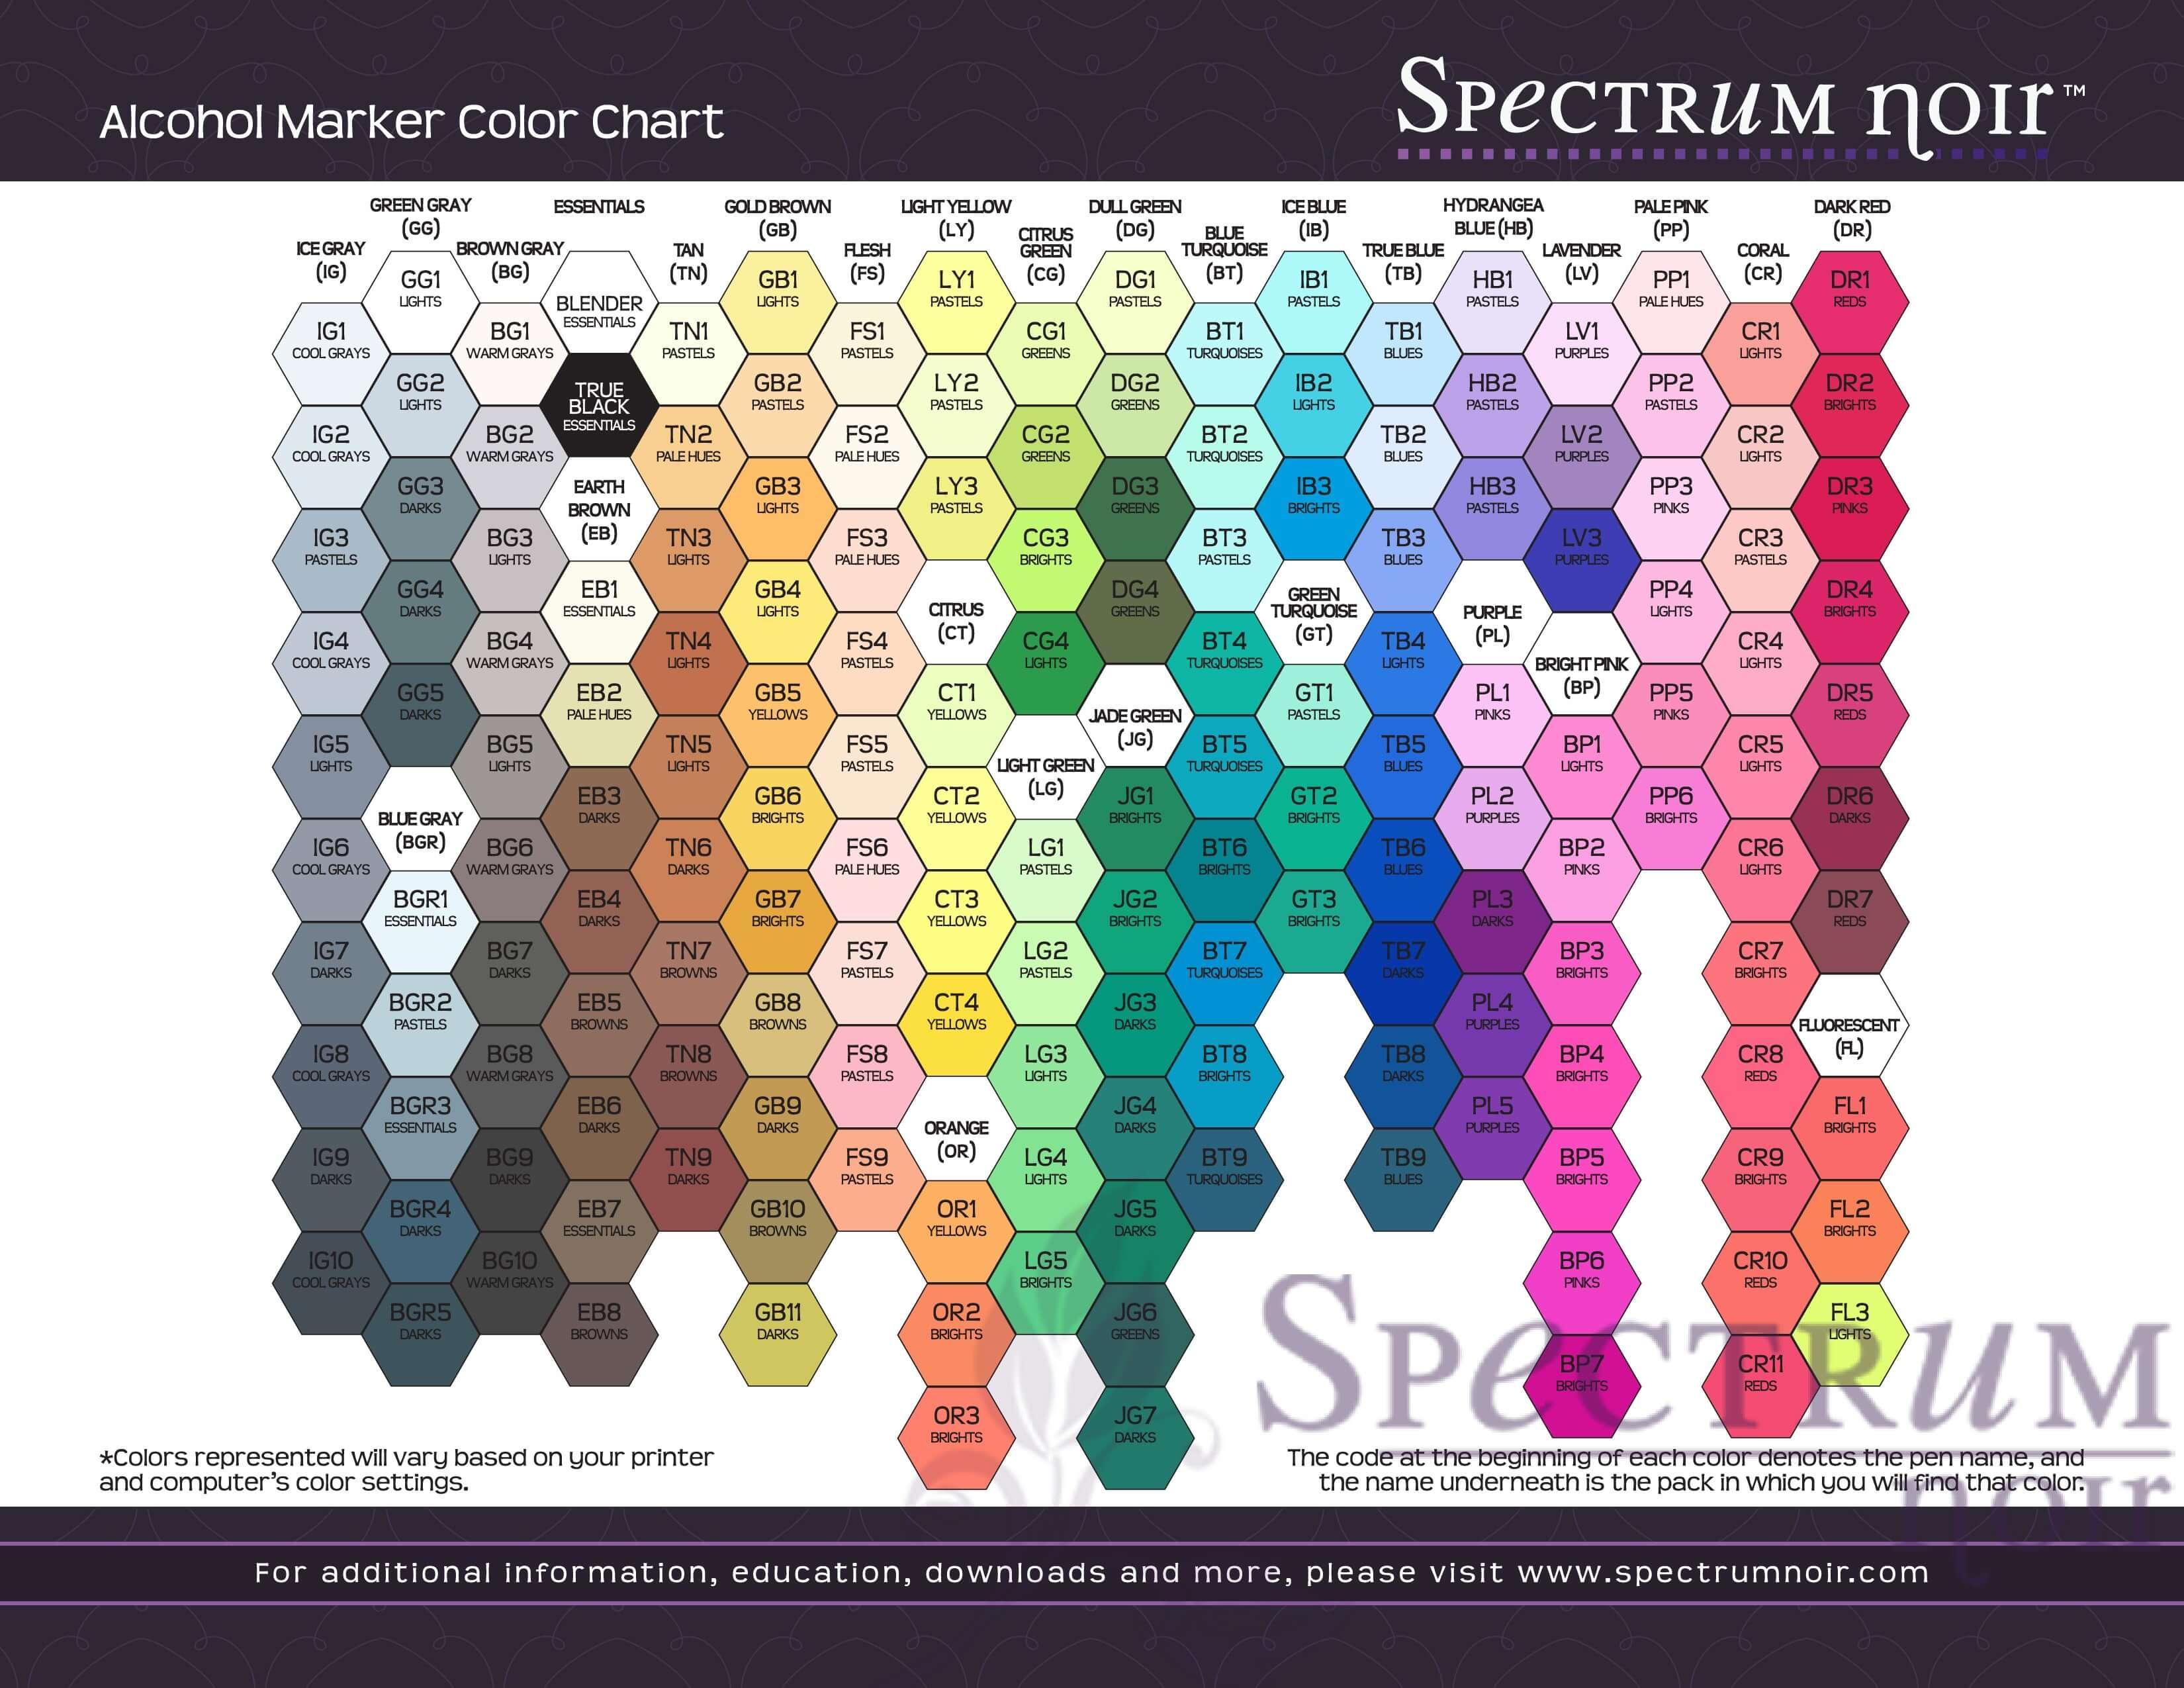 Spectrum Noir Color Chart Alle Farben